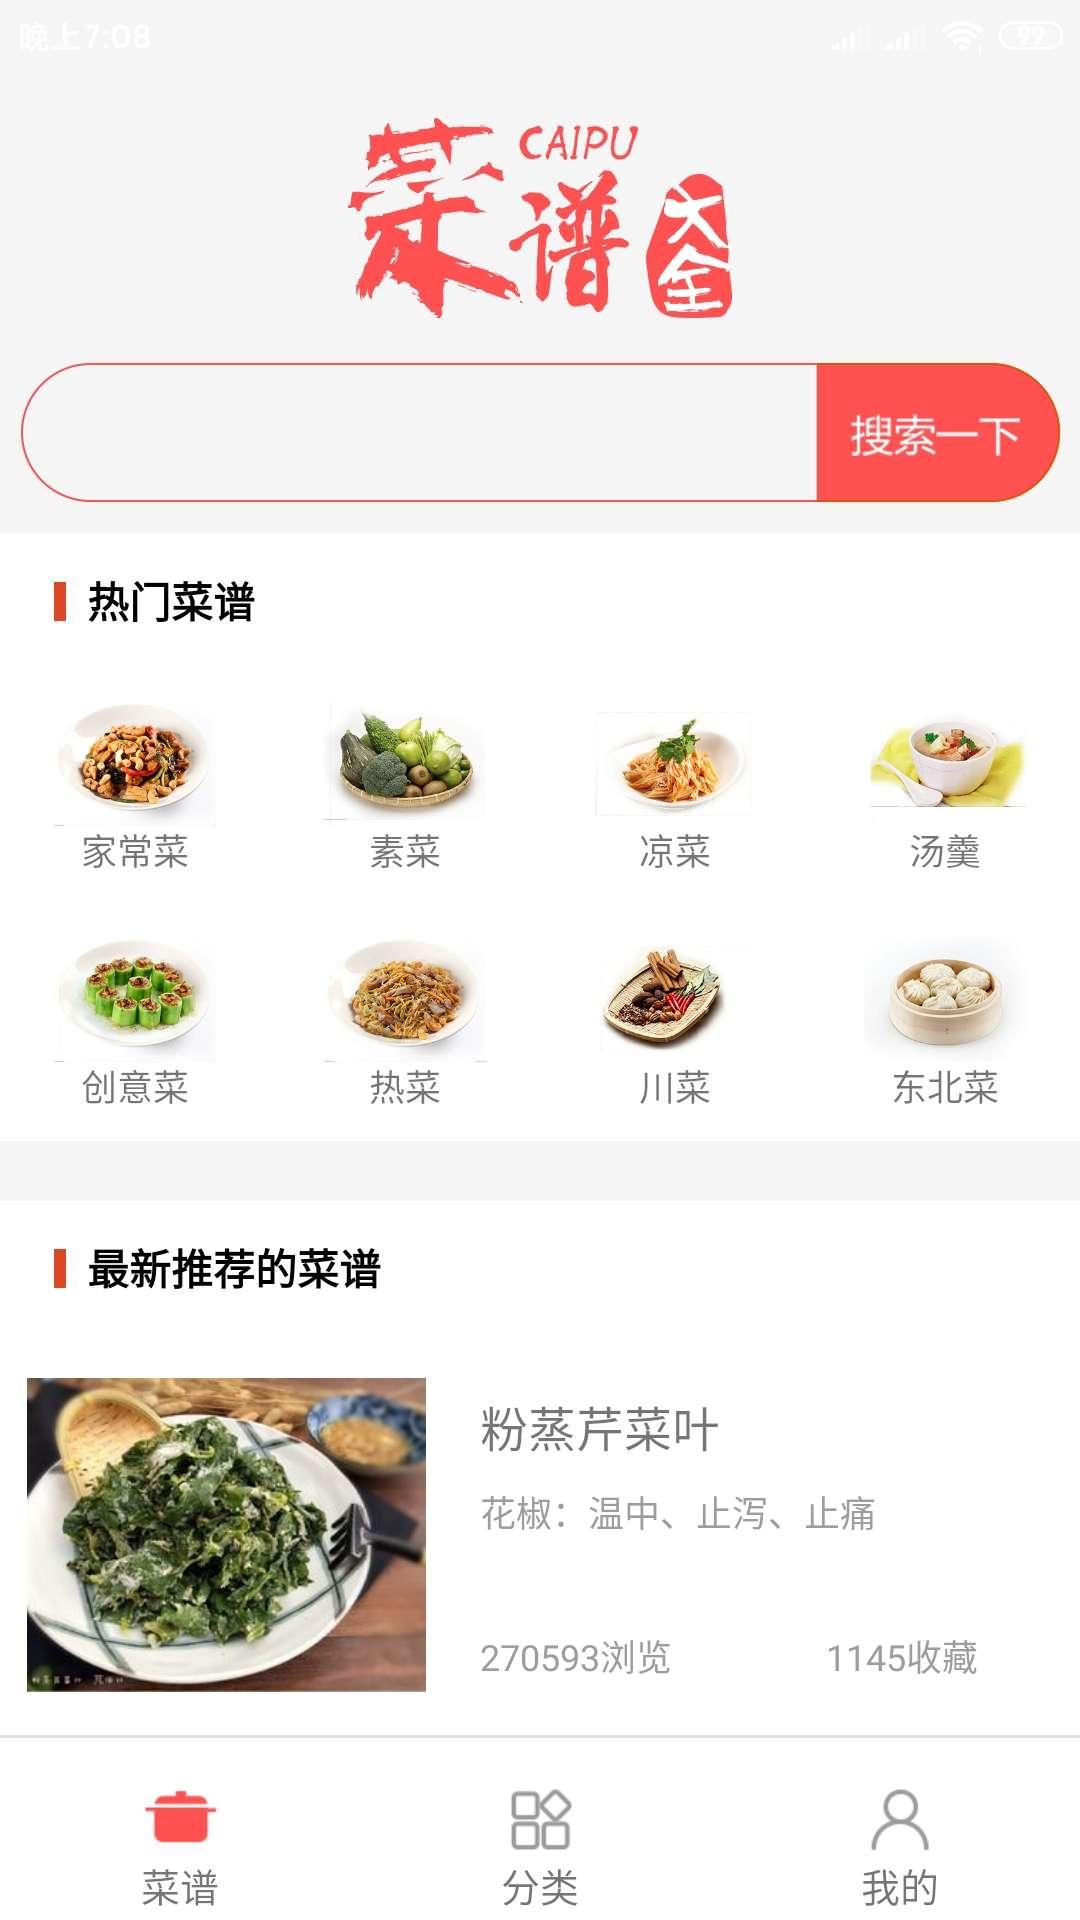 【分享】菜谱大全v6.9 菜谱全 种类多 学习烹饪必备!